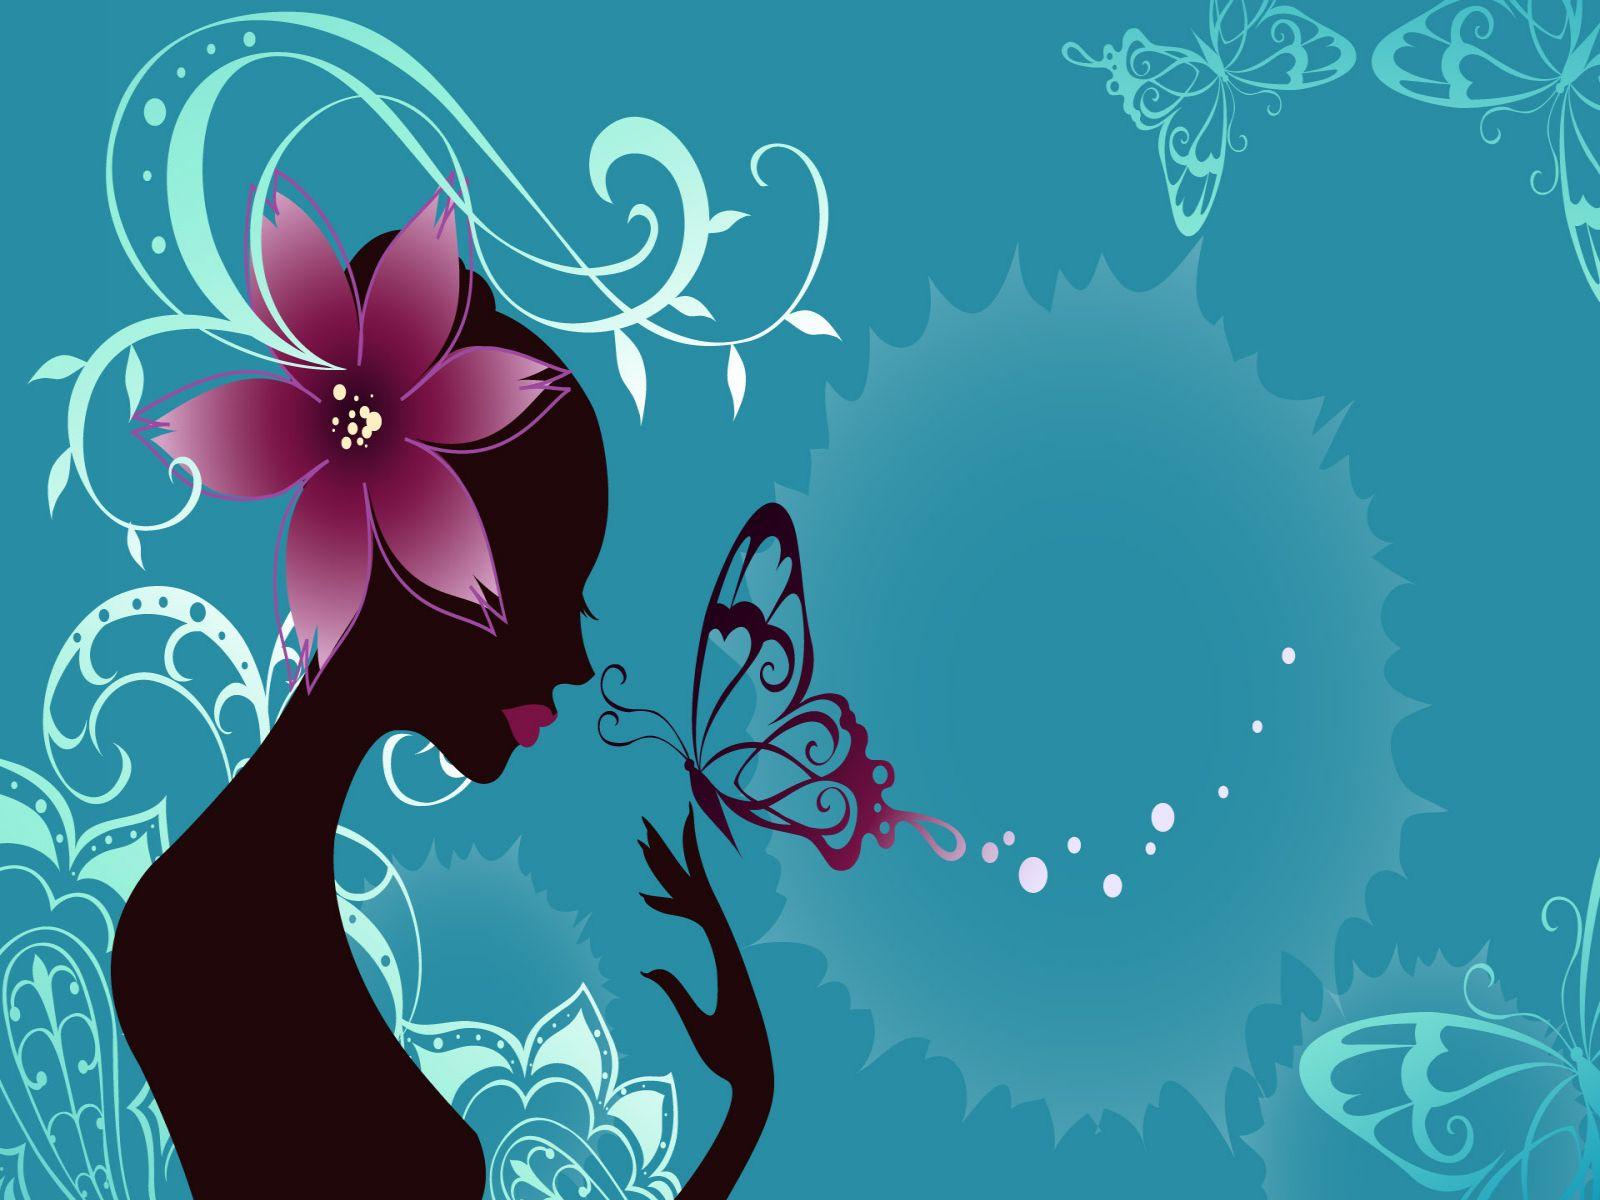 девушка дерит в руке бабочку, скачать обои для рабочего стола